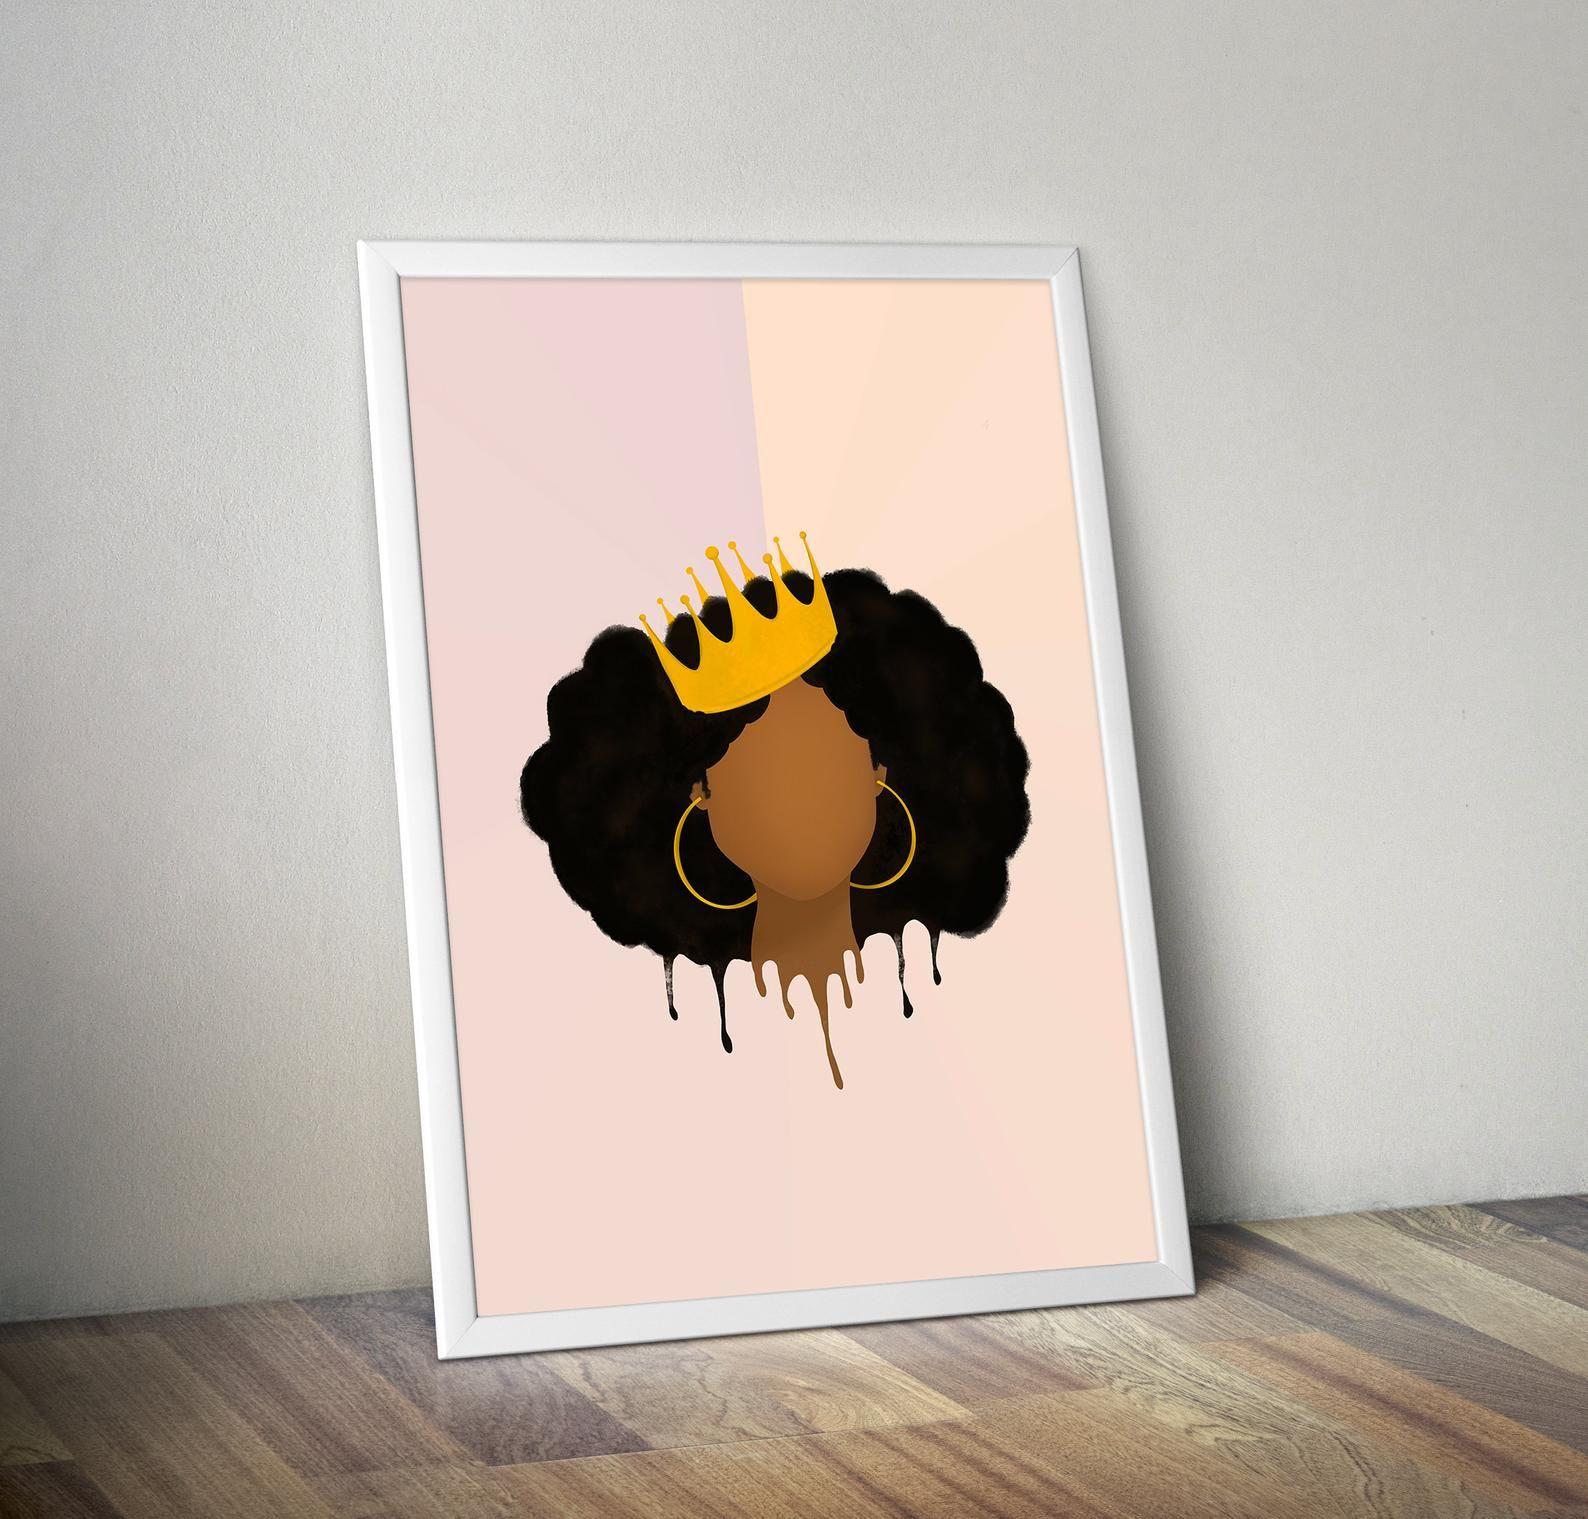 Black Queen Printable Art Afro Art African American Art Printable Wall Art African American Illustration Queen Art In 2020 African American Art Queen Art American Art